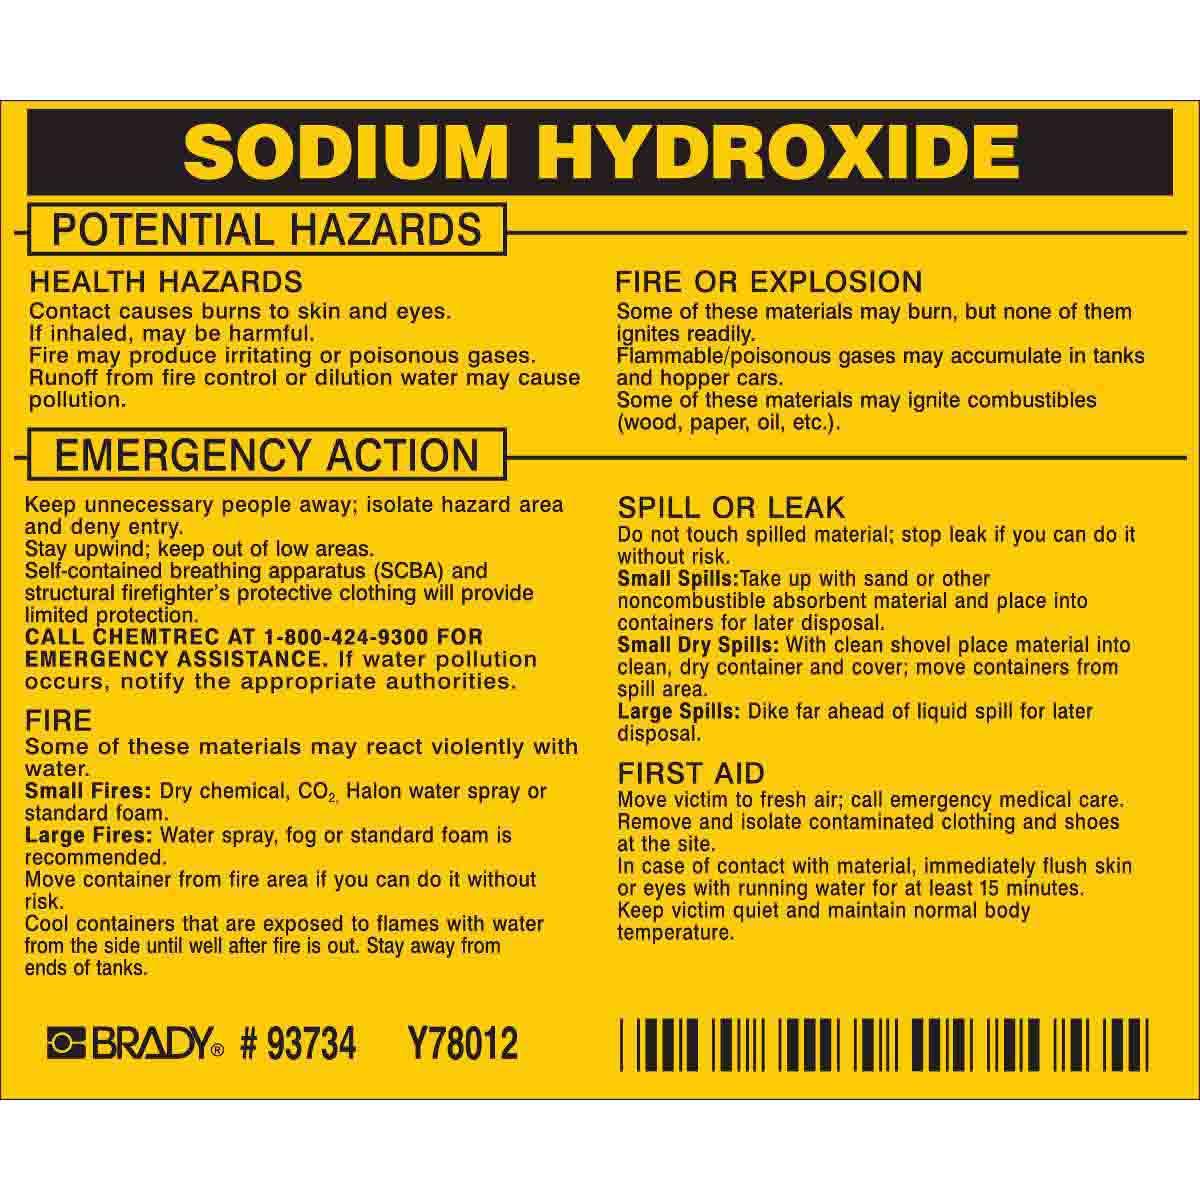 خطرات سدیم هیدروکسید